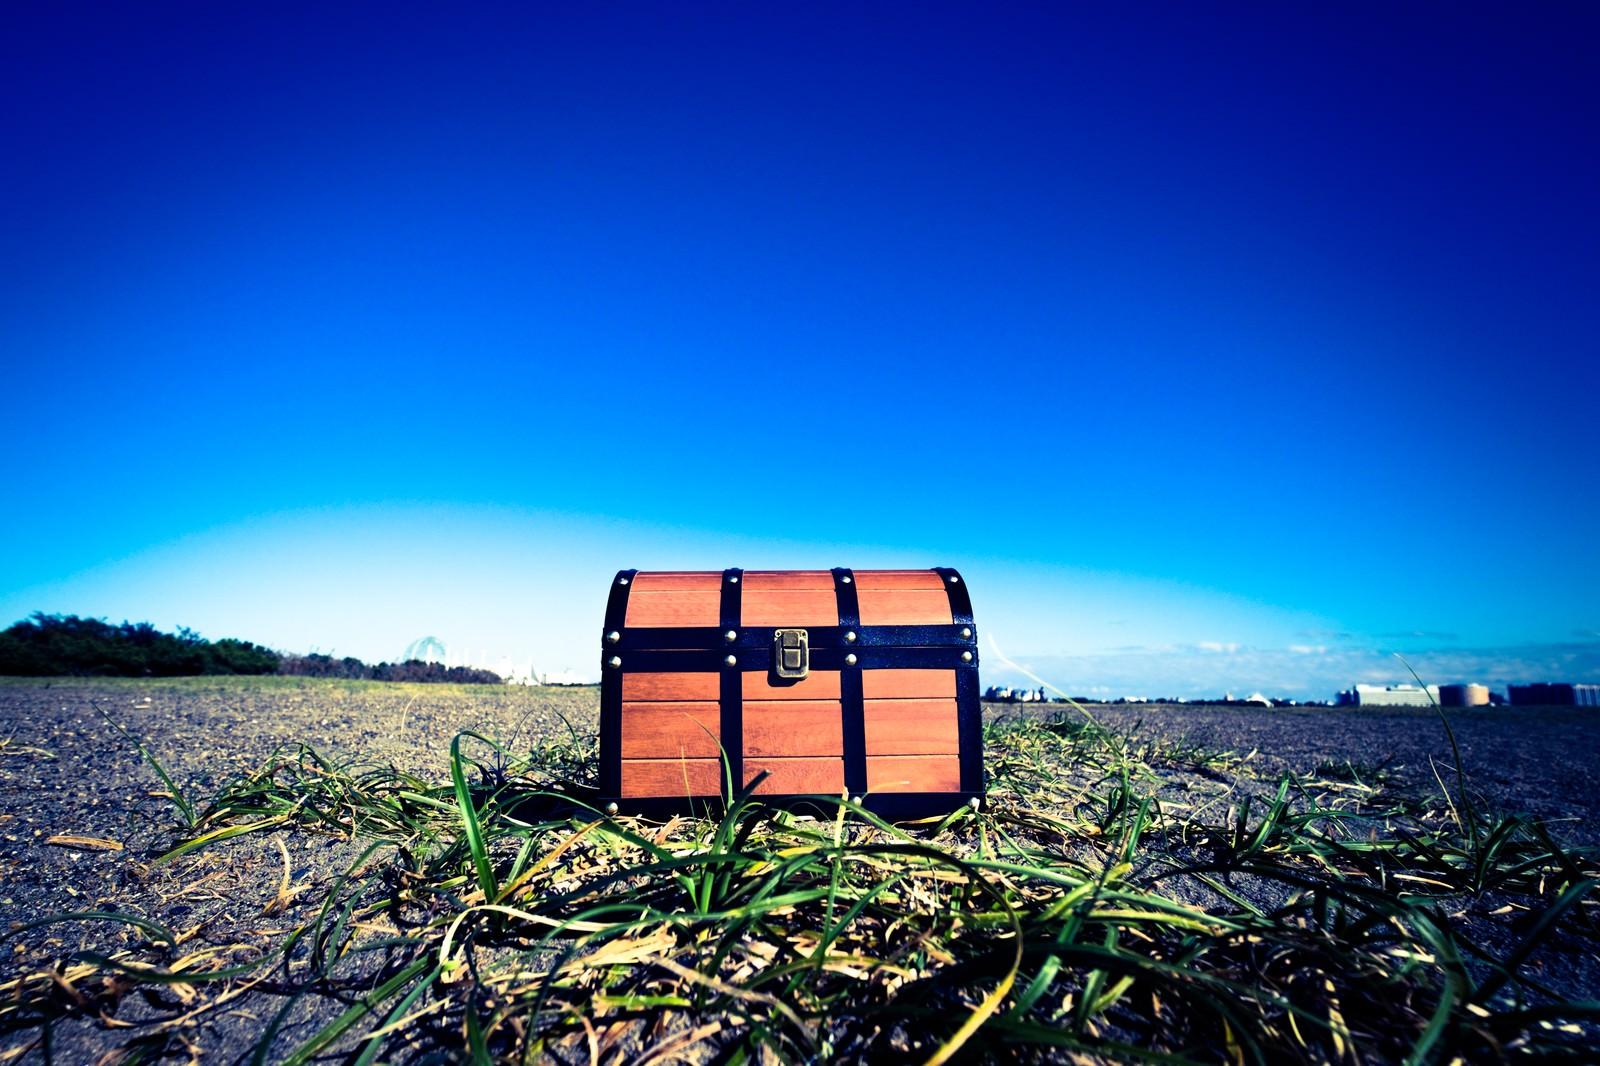 「宝箱のドロップ周期」の写真